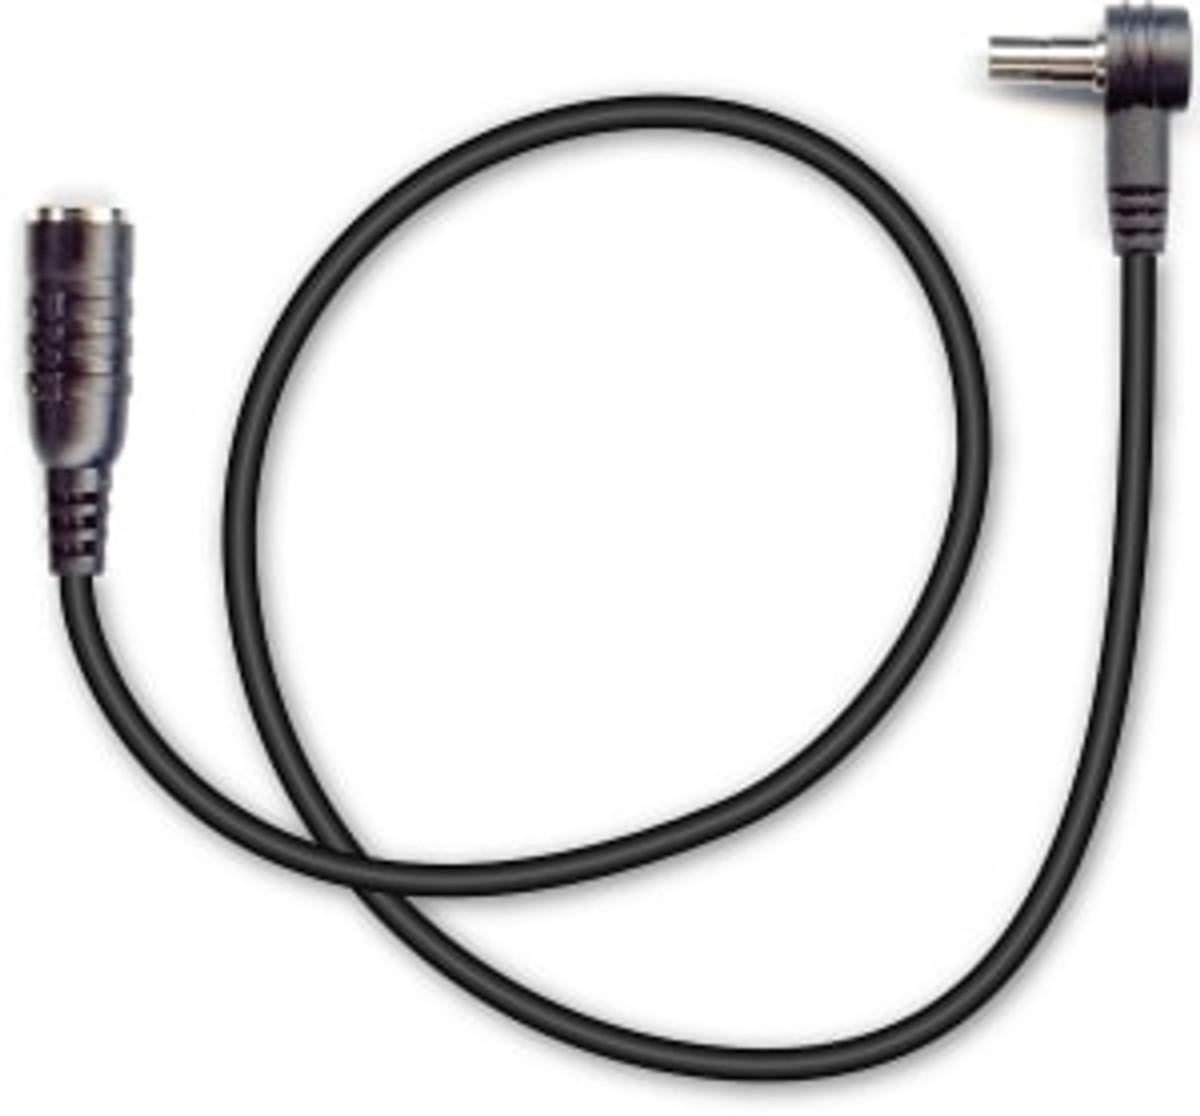 weBoost (Wilson) Adapter Cable for Sierra Wireless, Mercury, Novatel, Pantech - 359927